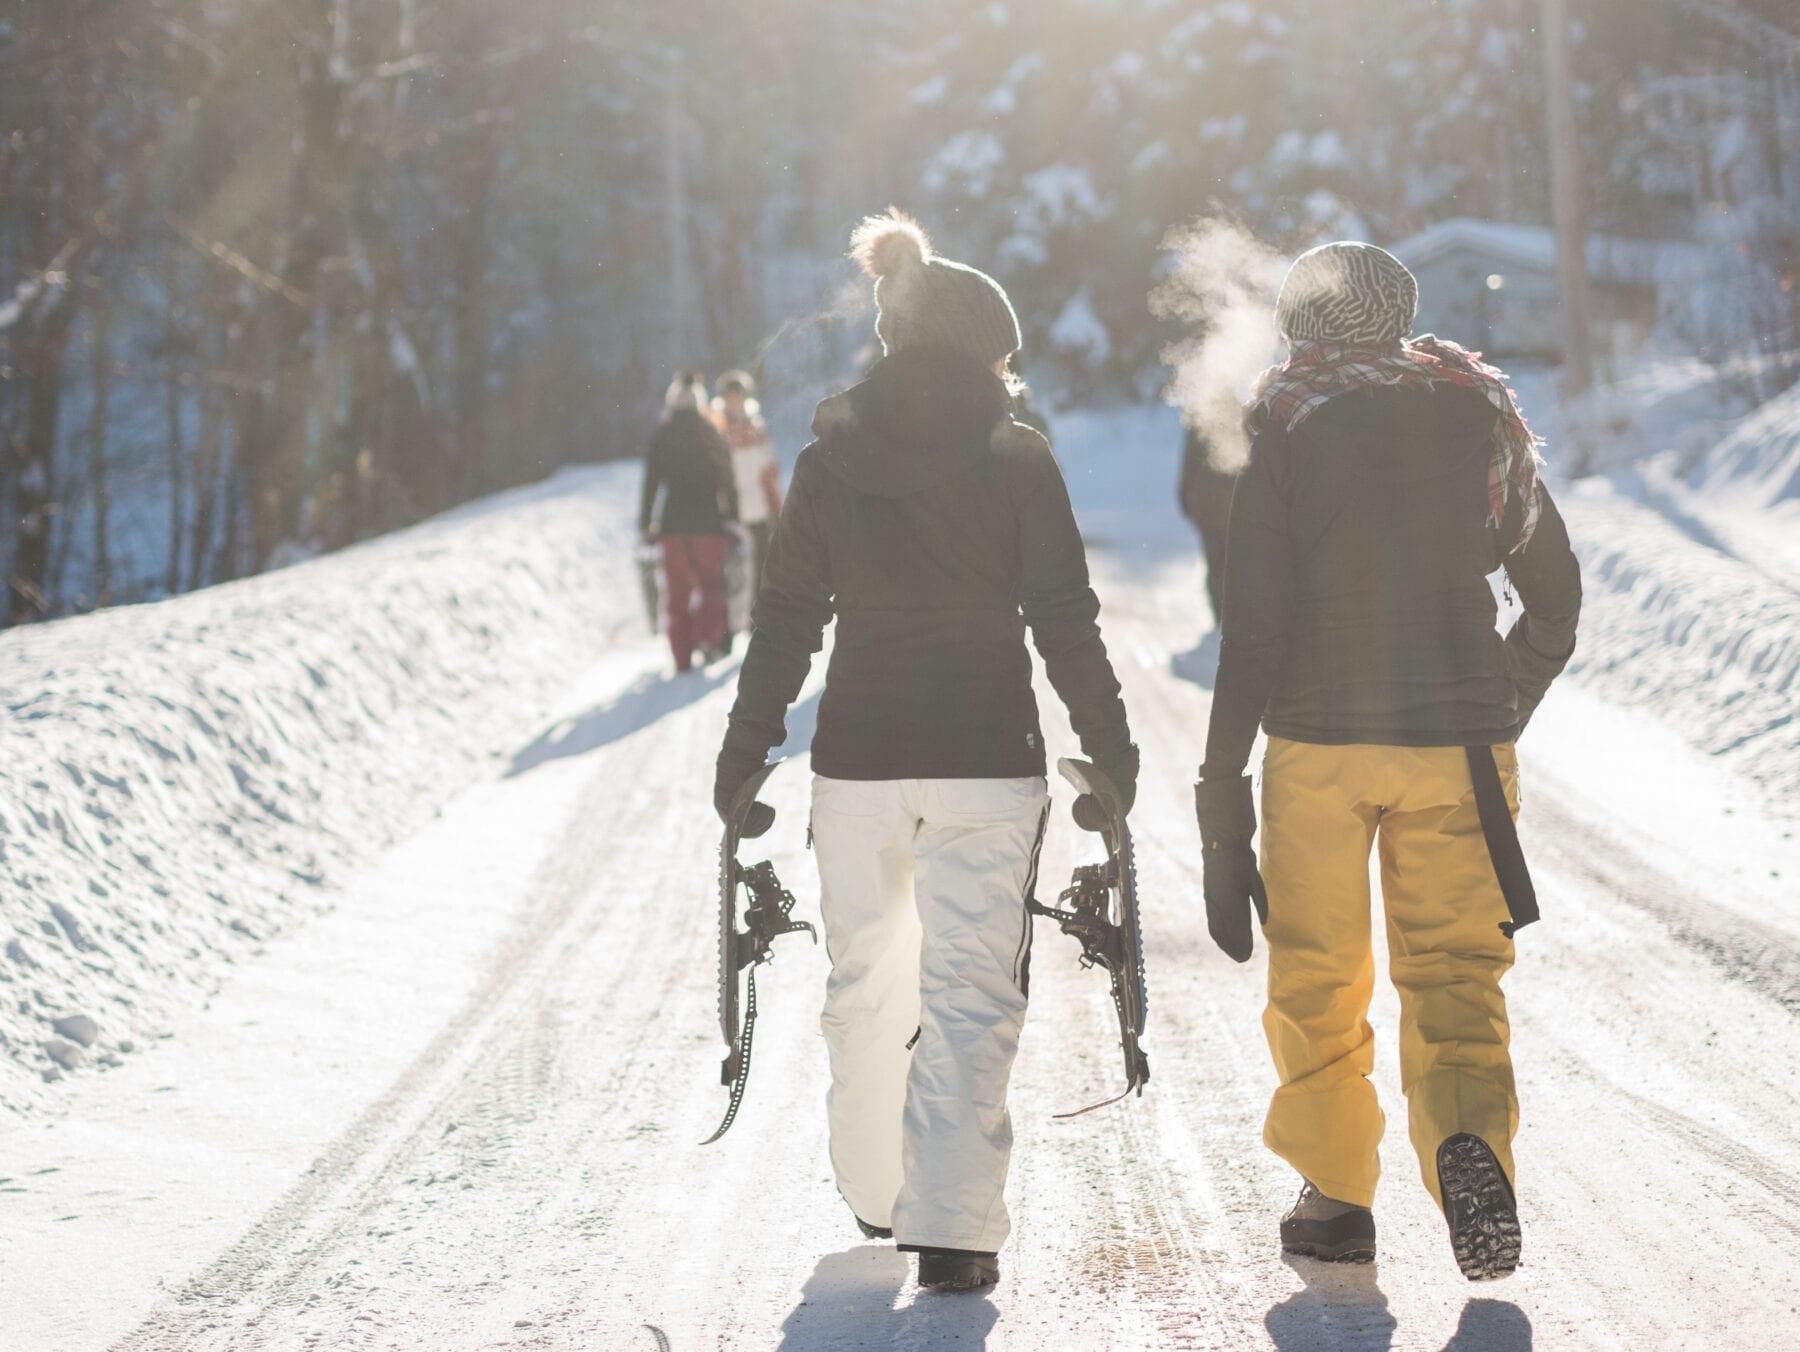 tofste wintersportactiviteiten sneeuwschoenwandelen